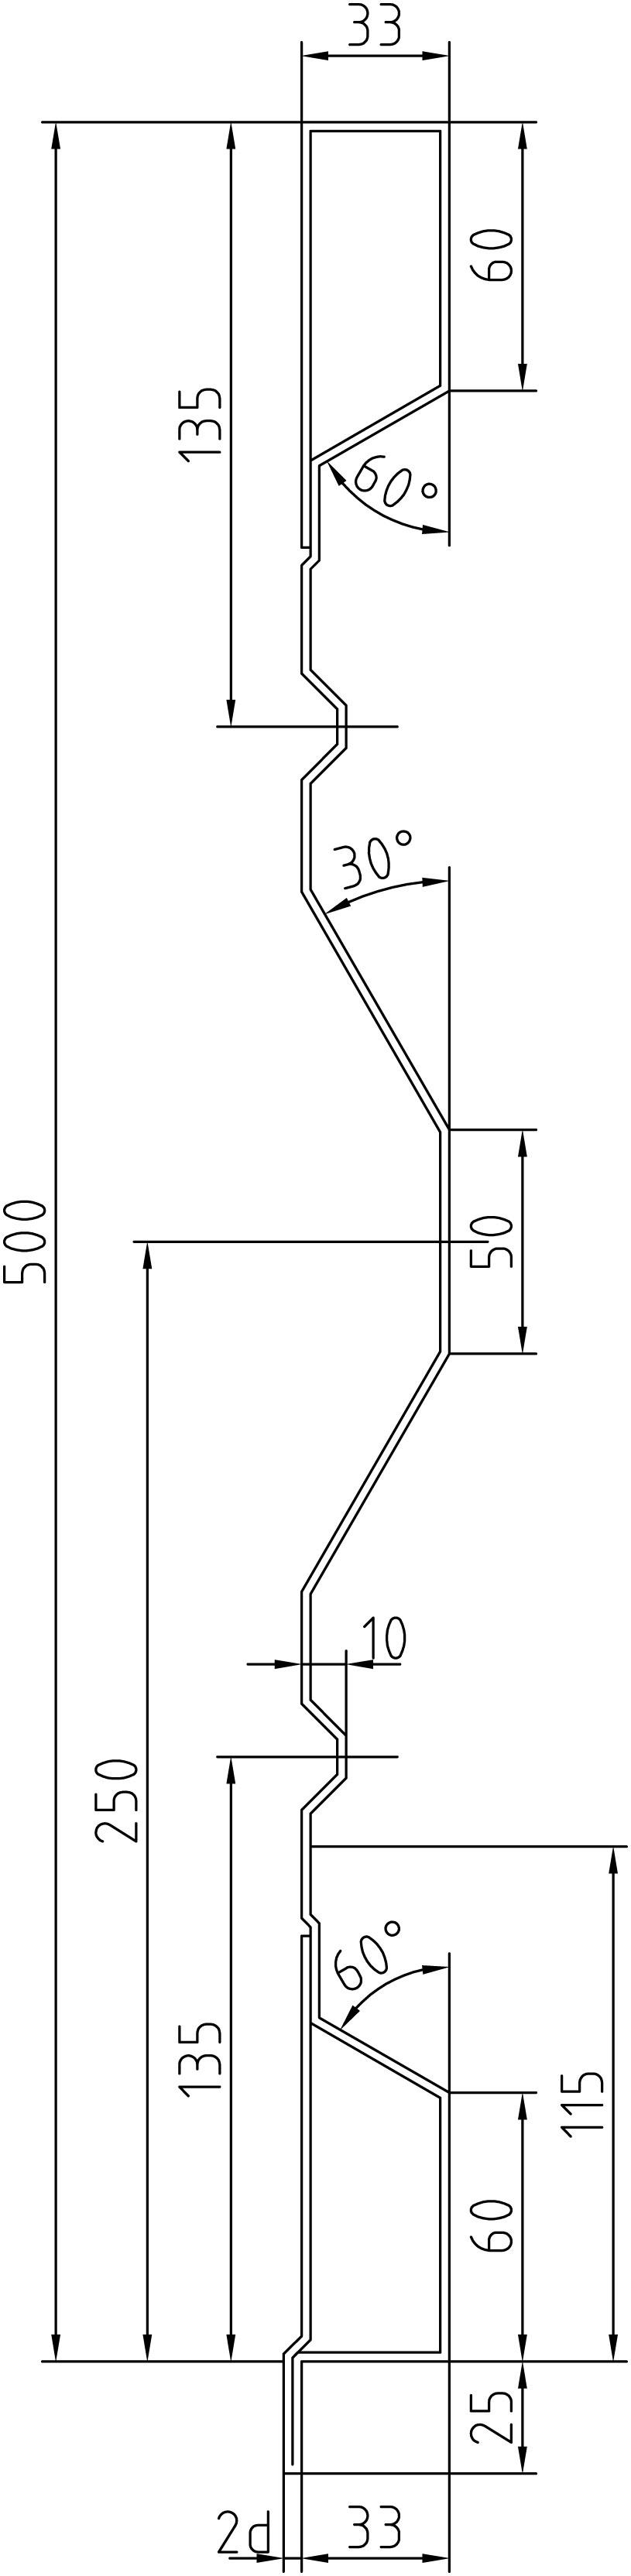 Brantner Kipper und Anhänger - 500x2x2405 Stirn AW samt EL ohne Löcher